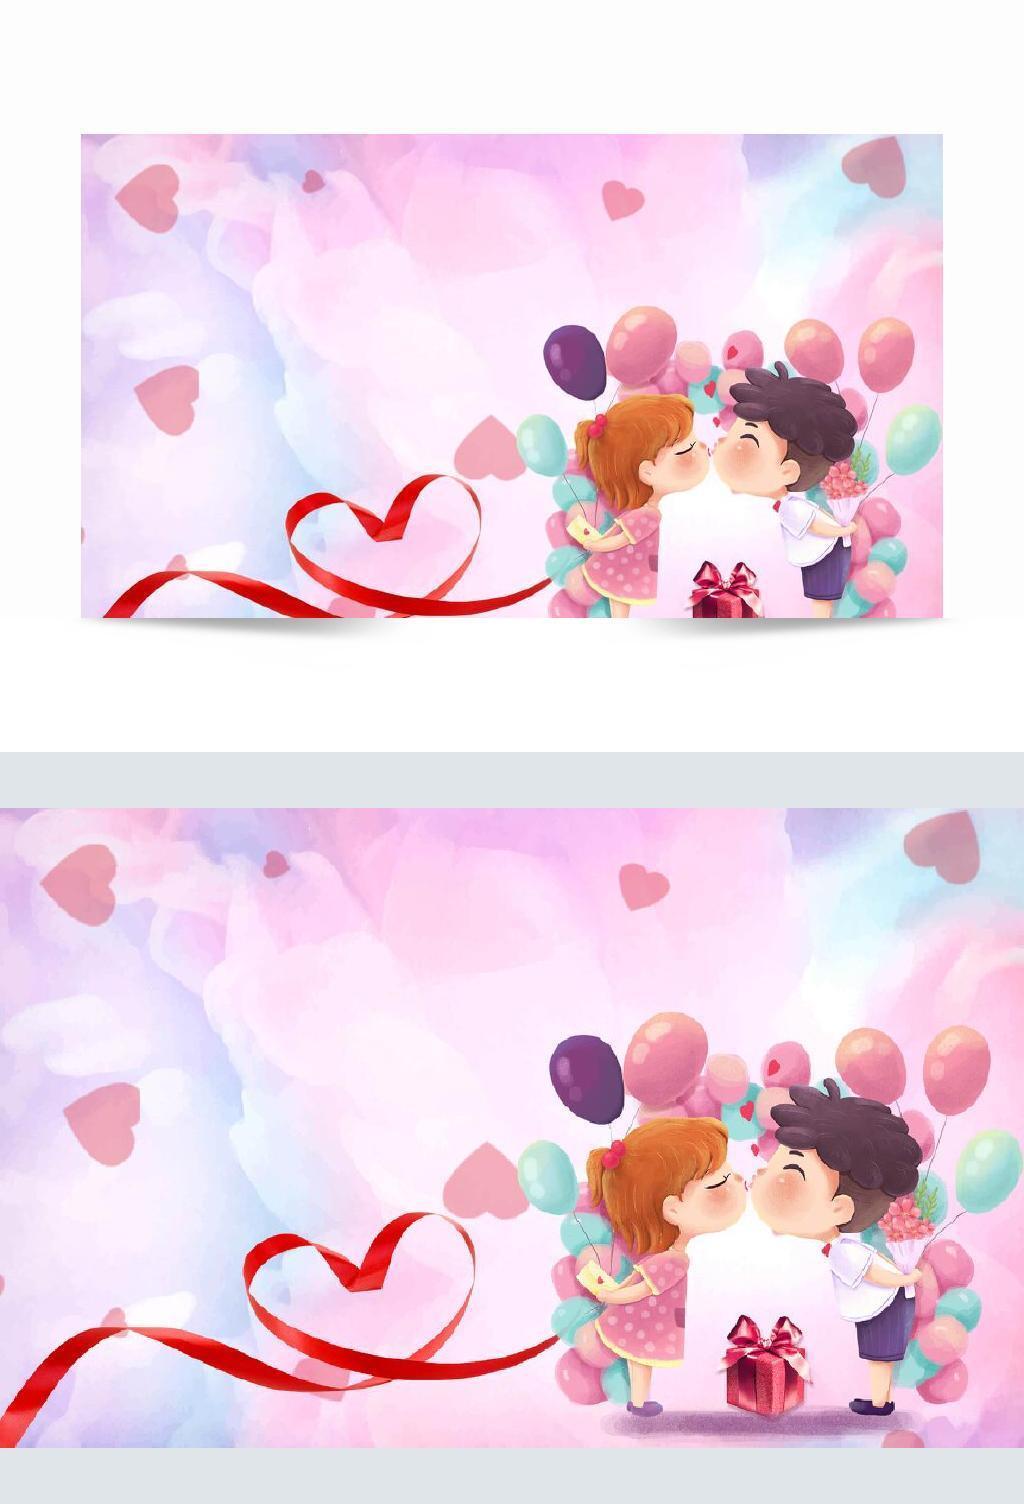 粉色晕染可爱小人气球爱心情人节背景素材